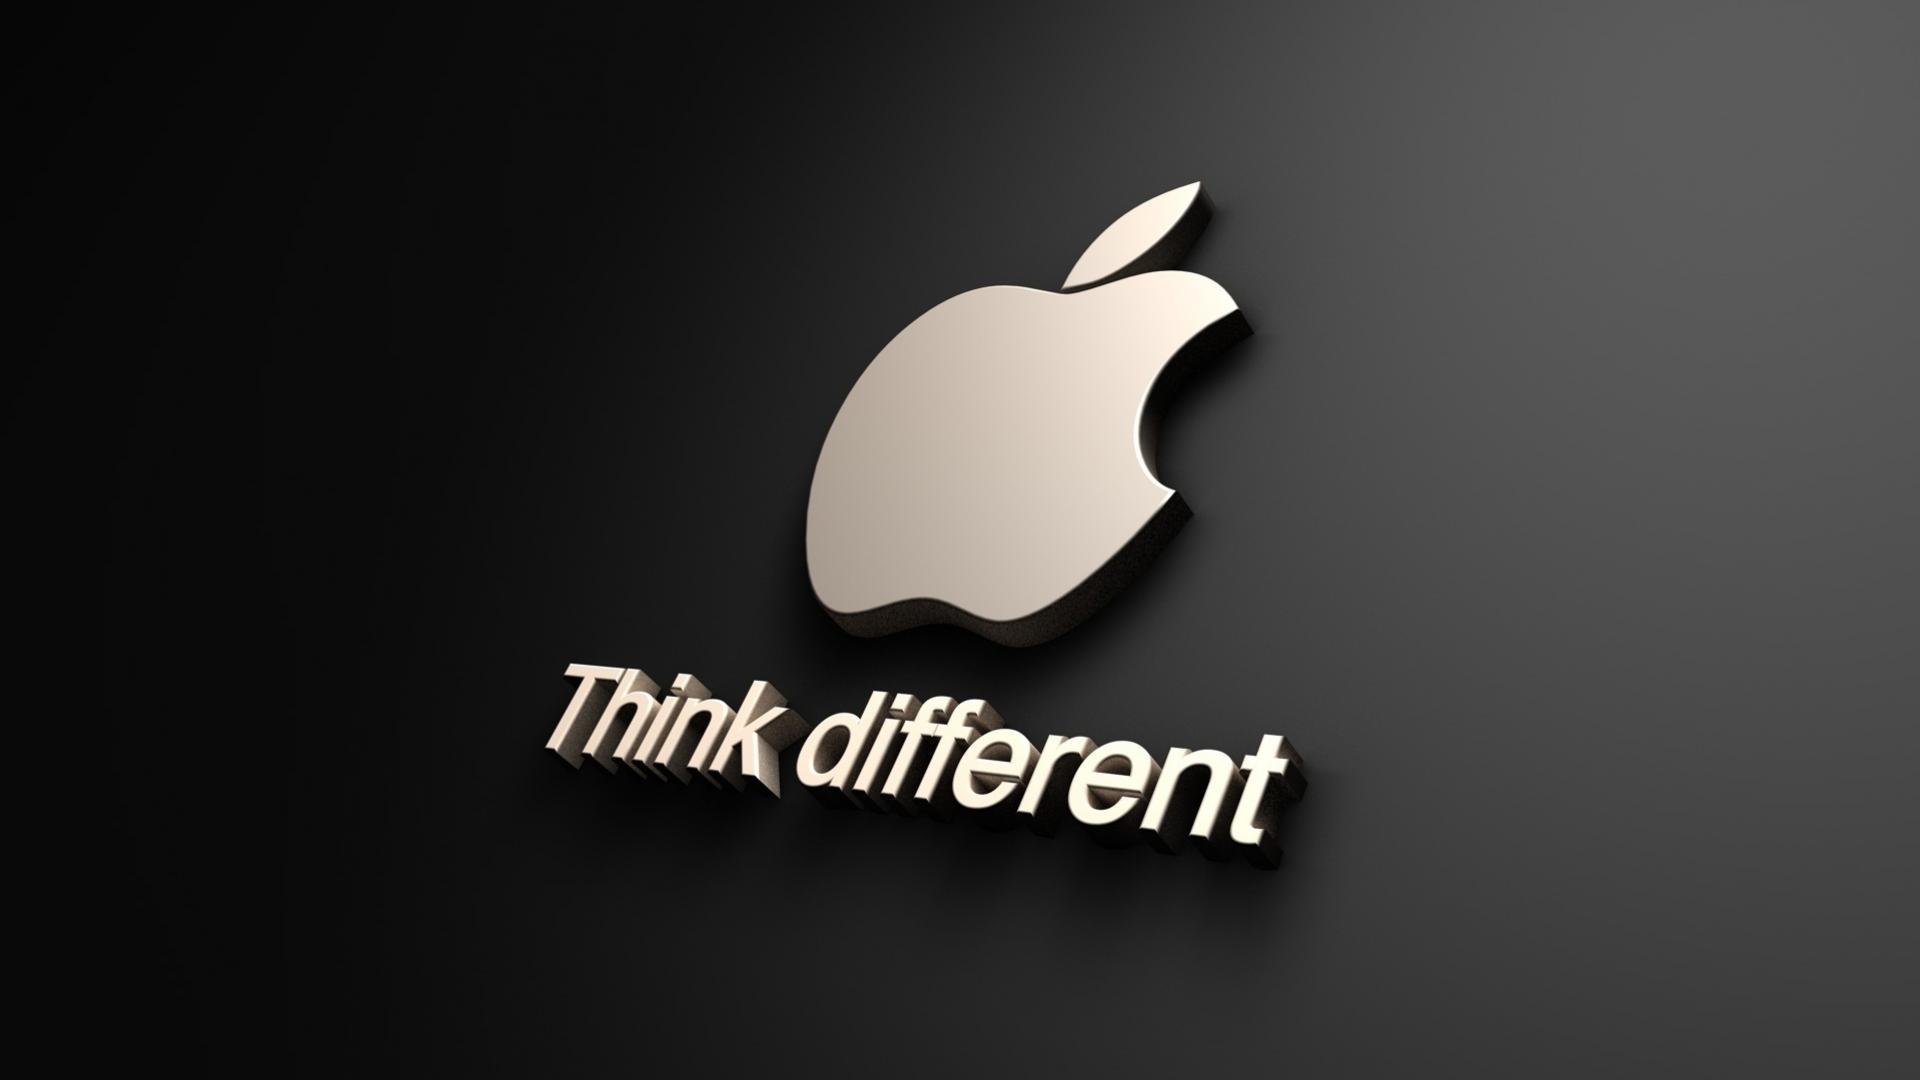 I loghi creati per le aziende: come ispirarsi al logotipo di Apple